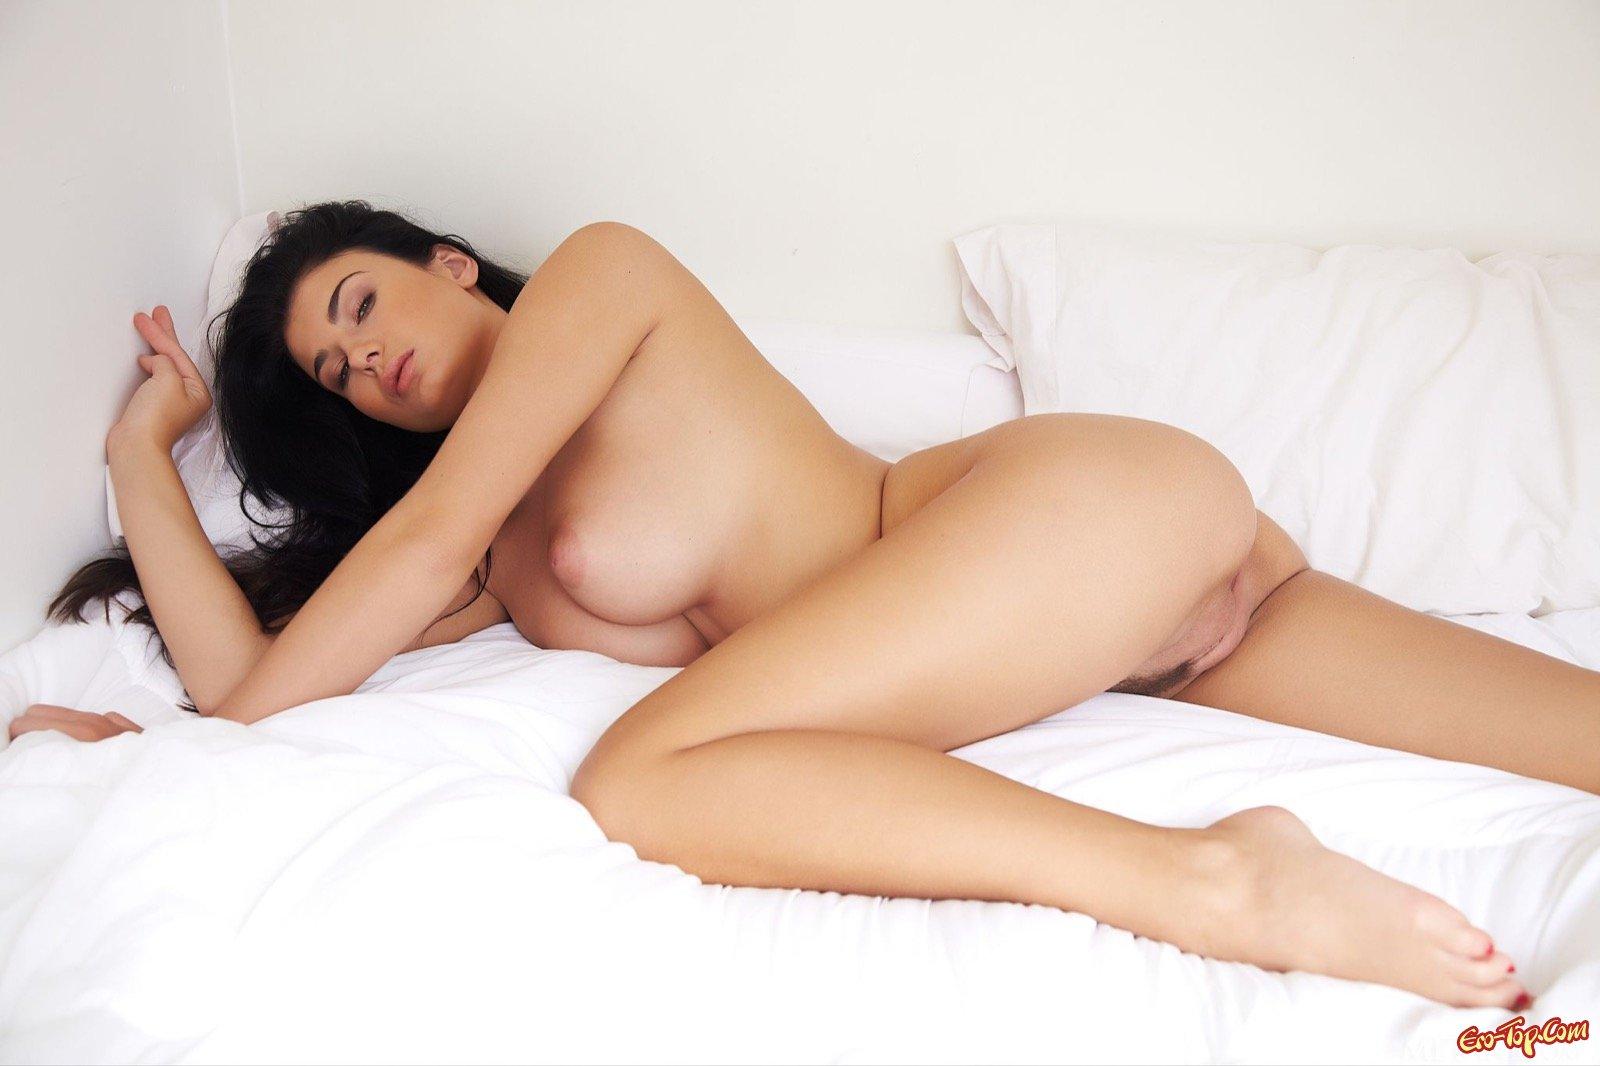 Брюнетка с крупными сиськами позирует в постели